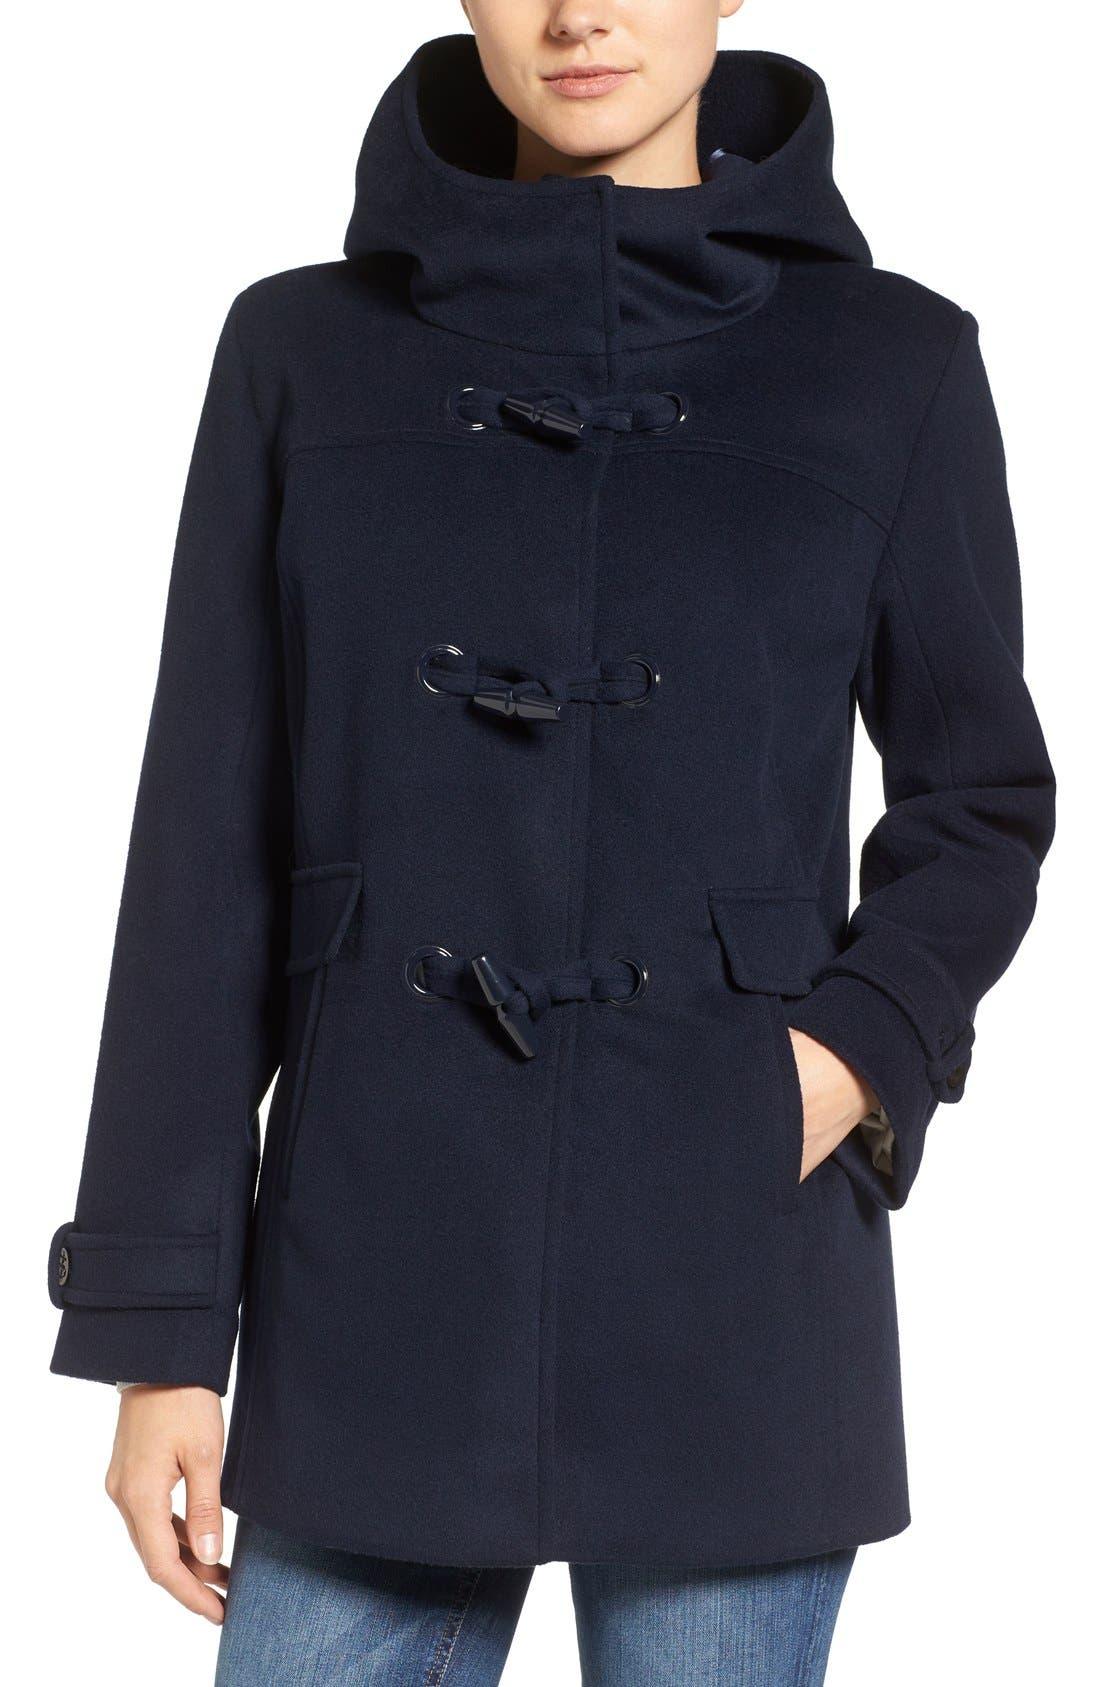 Main Image - Pendleton Roslyn Waterproof Lambswool Blend Hooded Coat